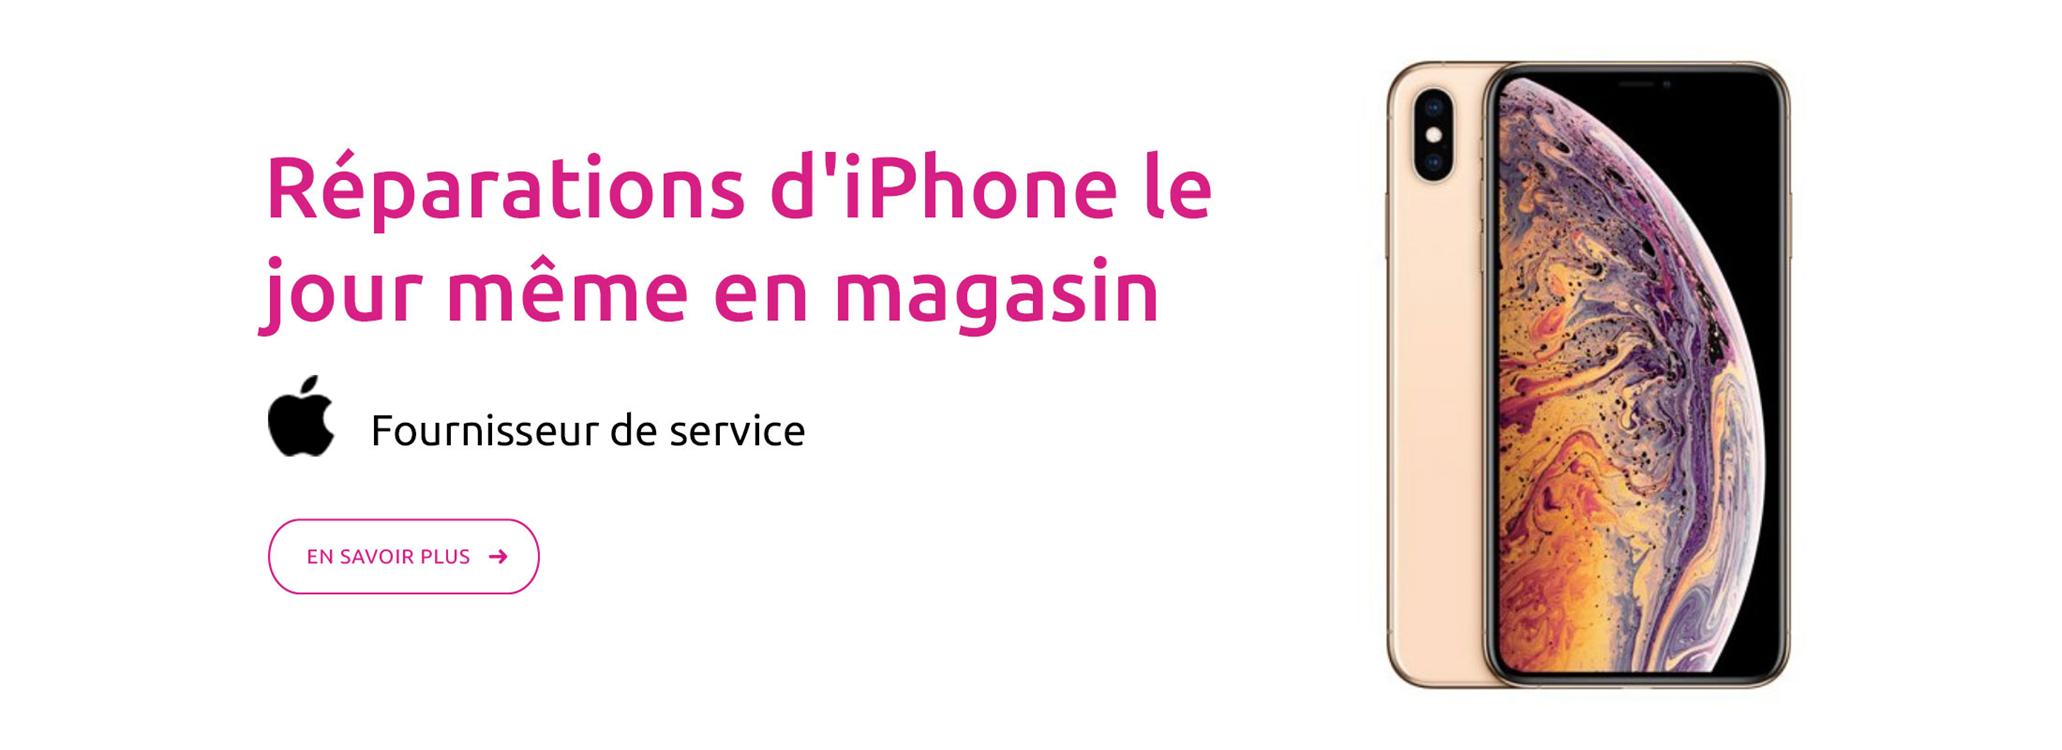 Réparations d'iPhone le jour même en magasin